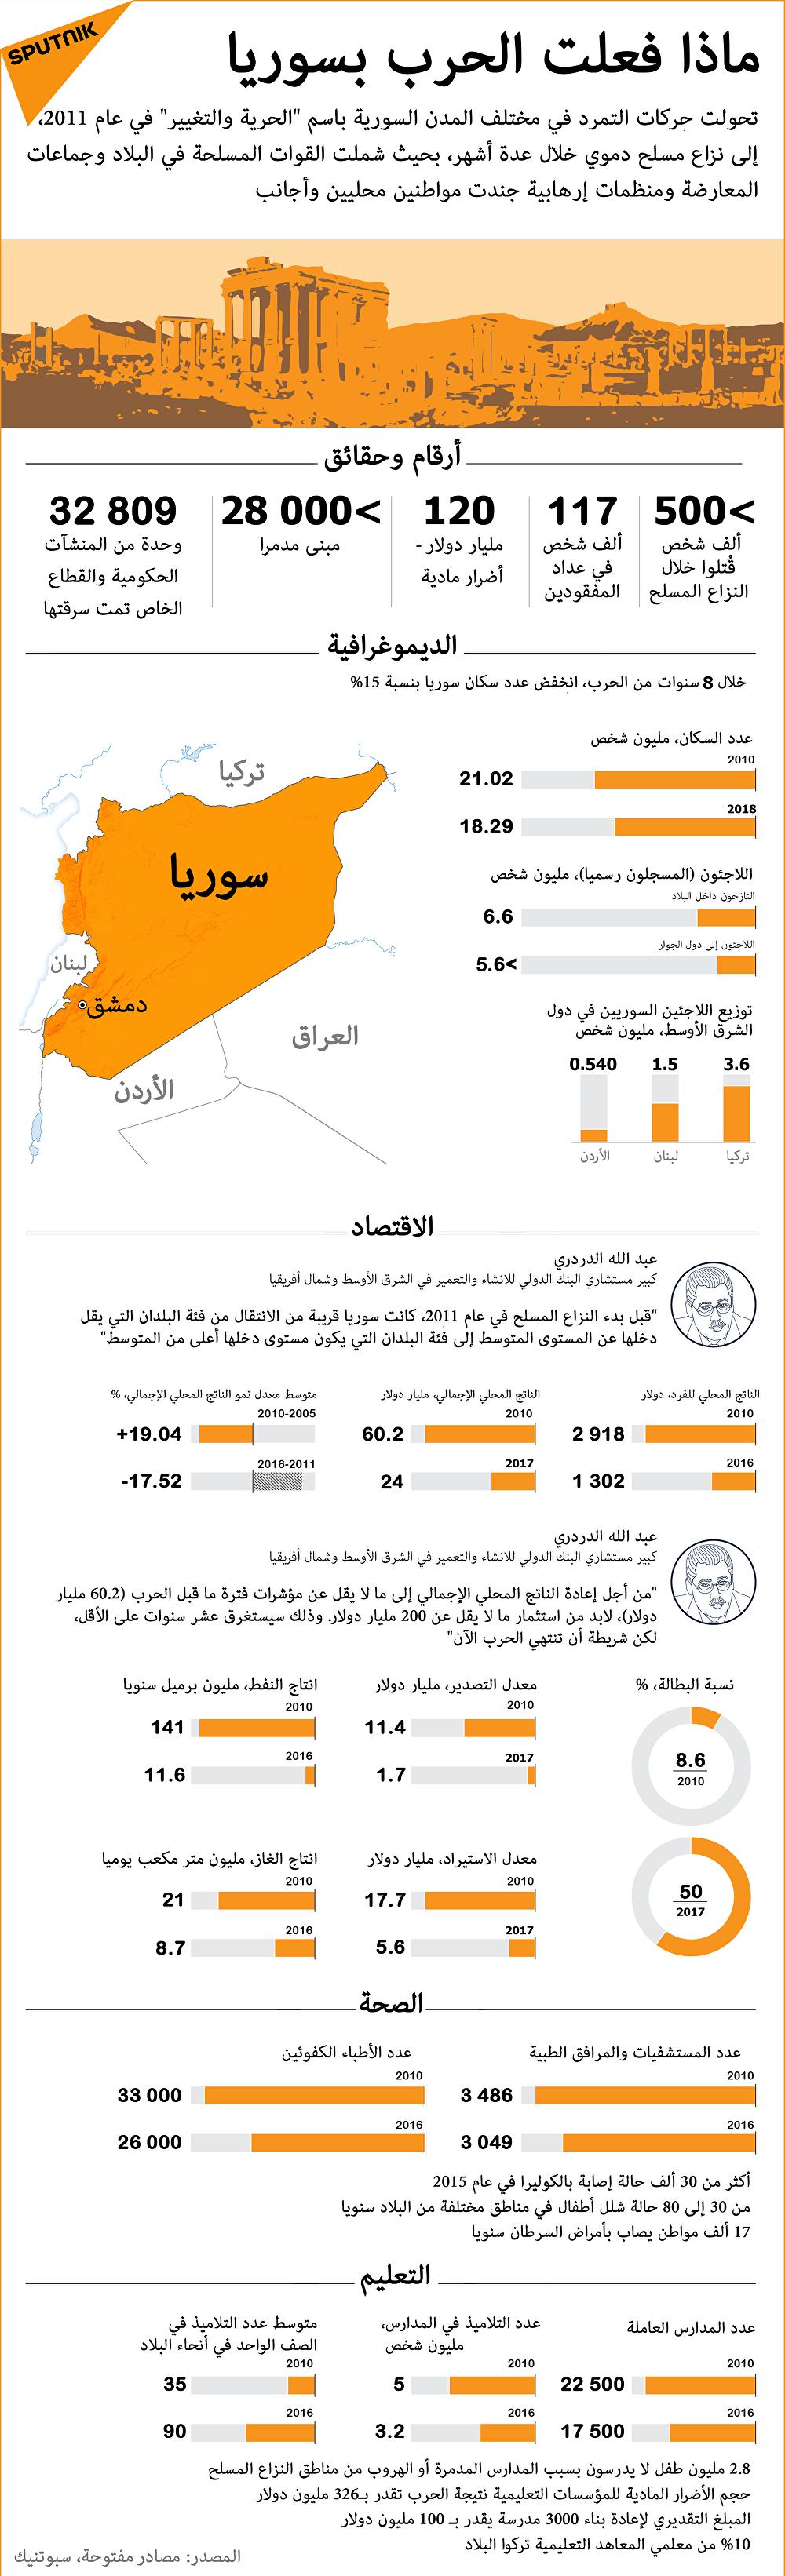 ماذا فعلت الحرب بسوريا: أرقام وحقائق